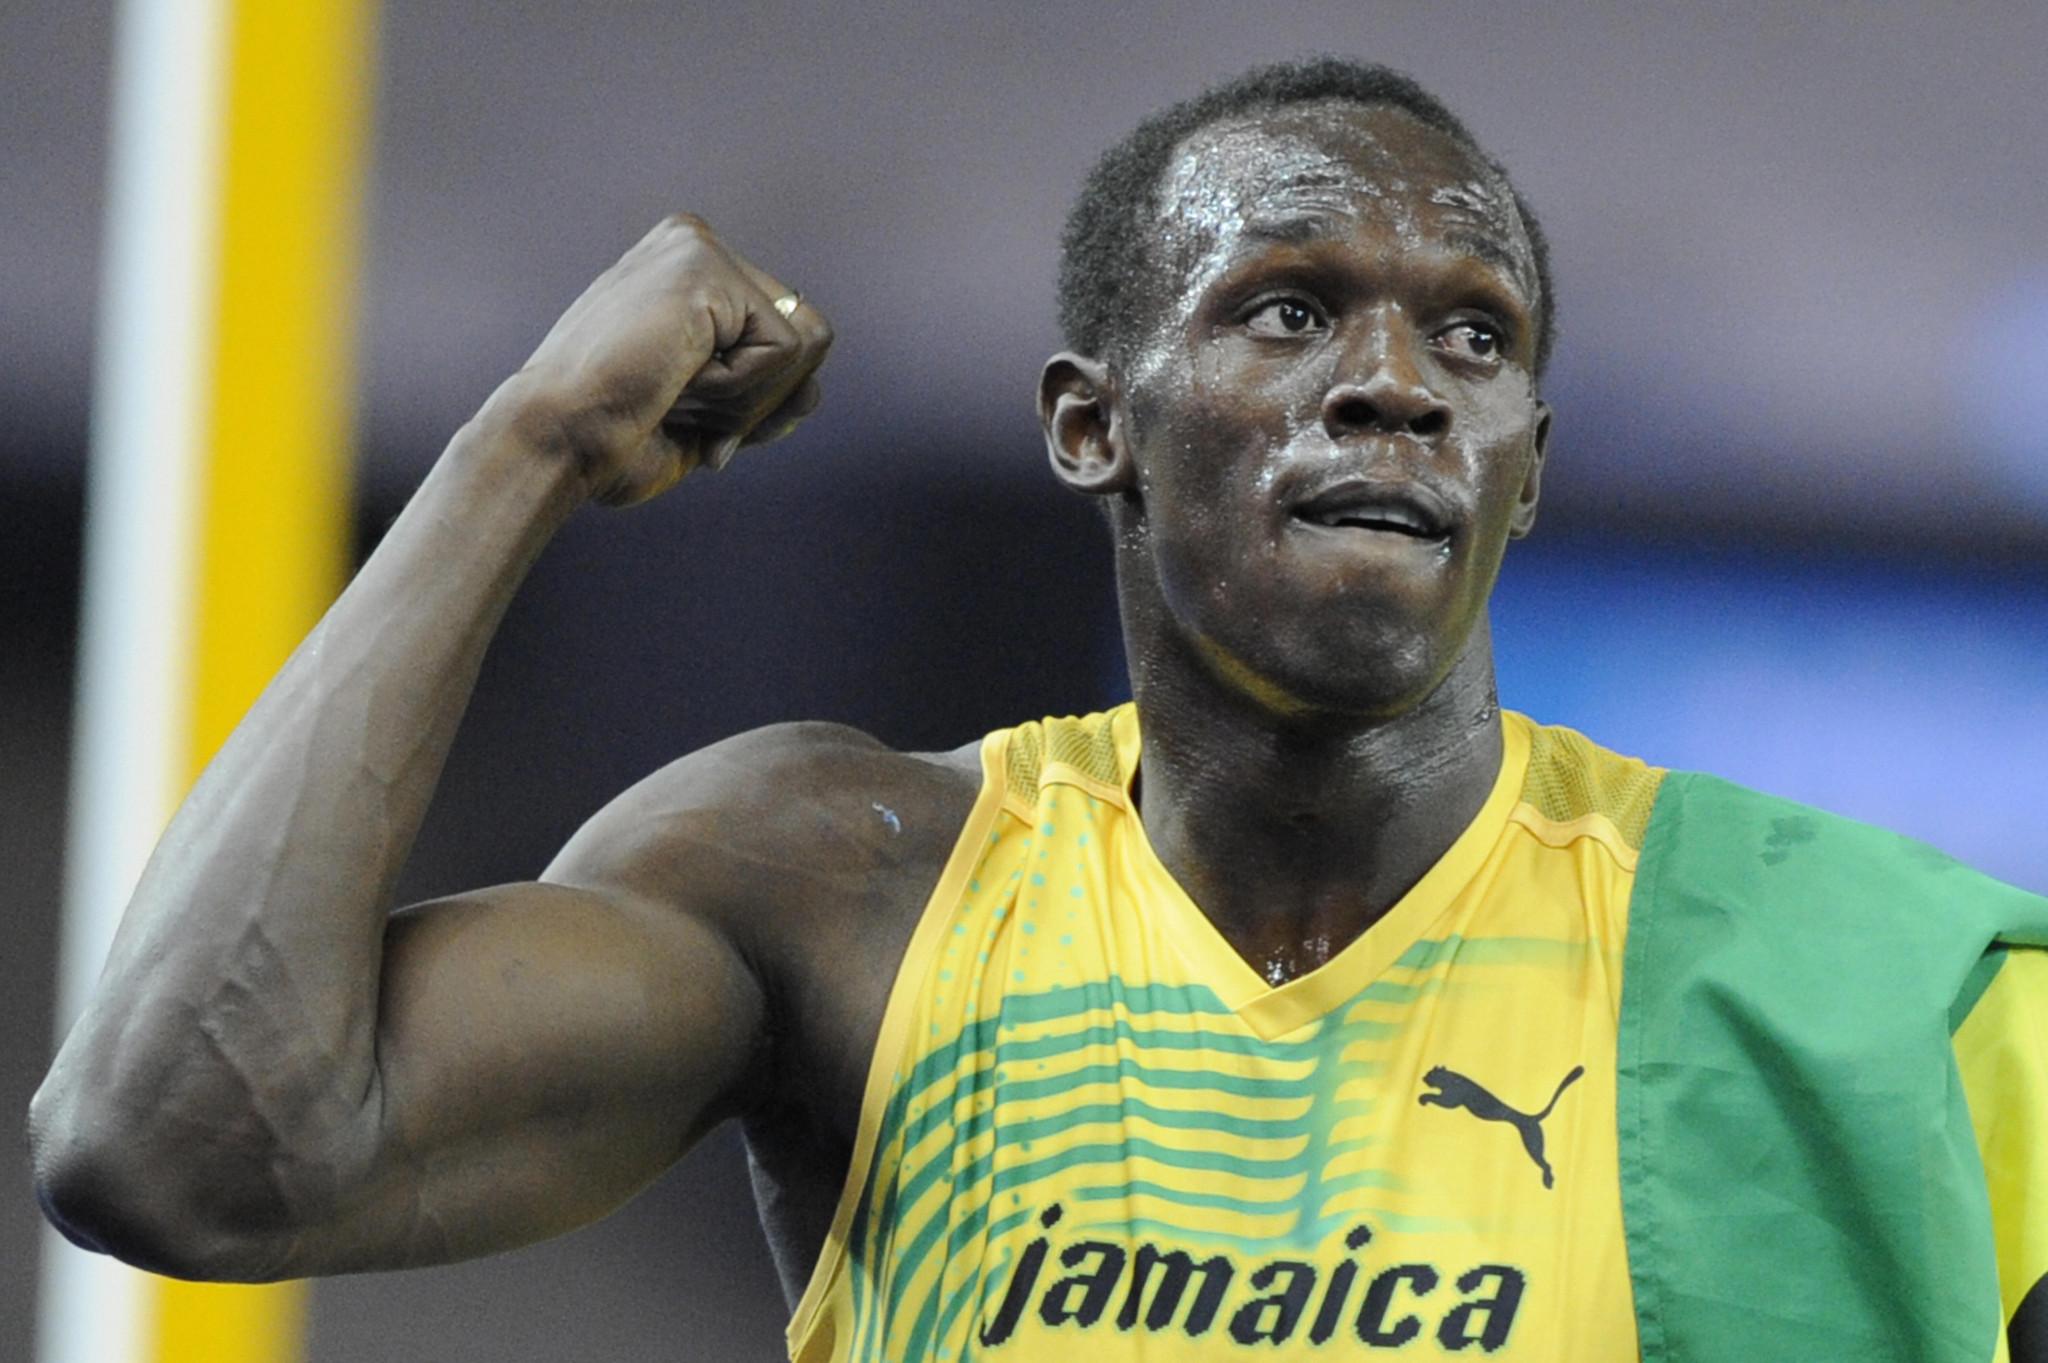 Athletics icon Usain Bolt donates sum to coronavirus relief telethon in Jamaica